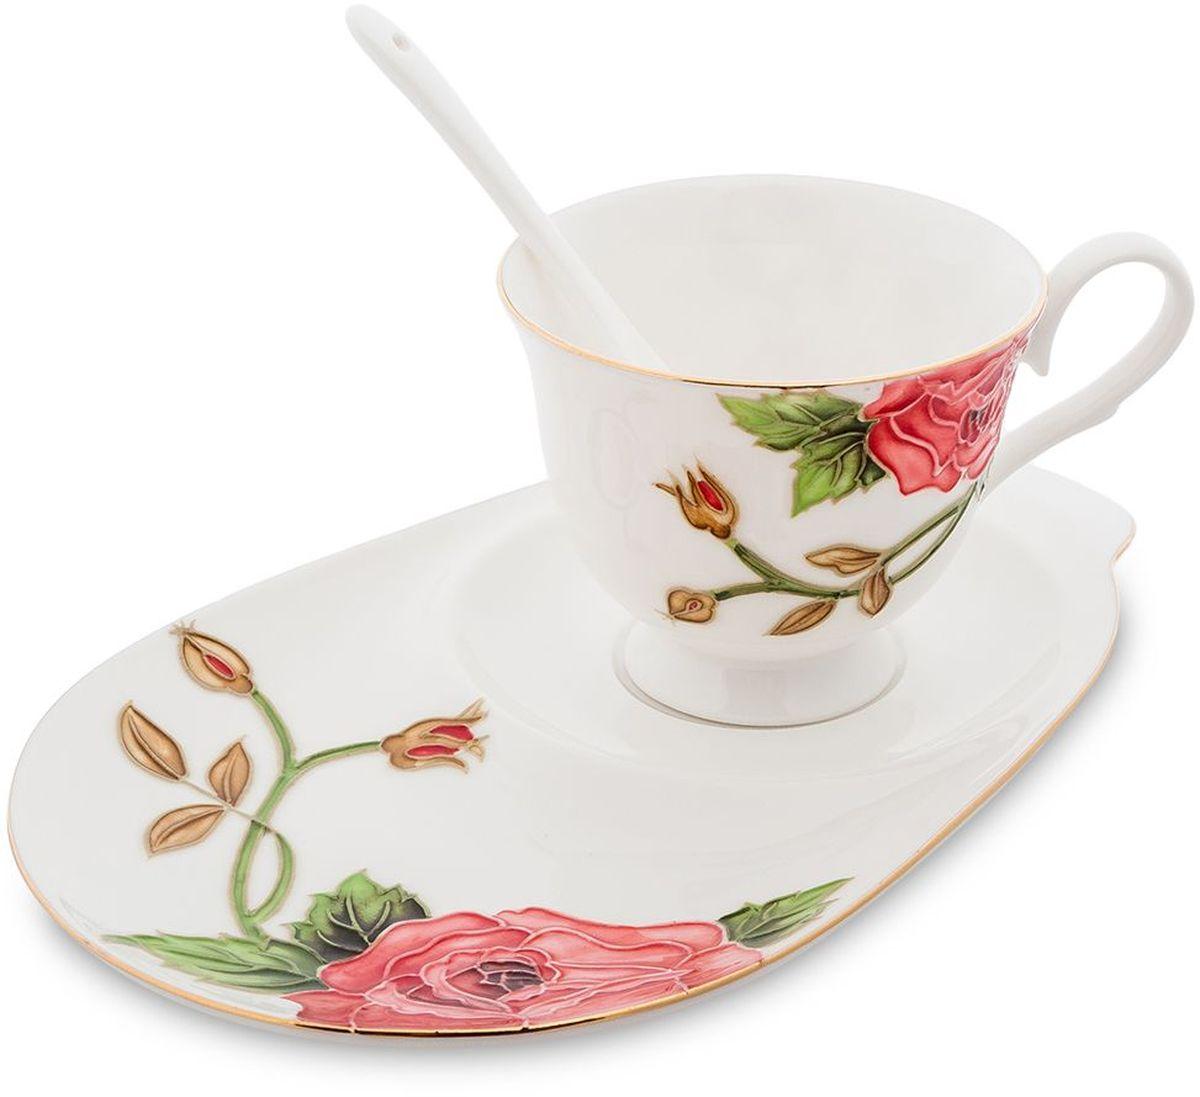 Чайная пара Pavone Золотая Роза, 3 предмета. 451588115510Объем чашки: 250 мл Длина блюдца: 23 см